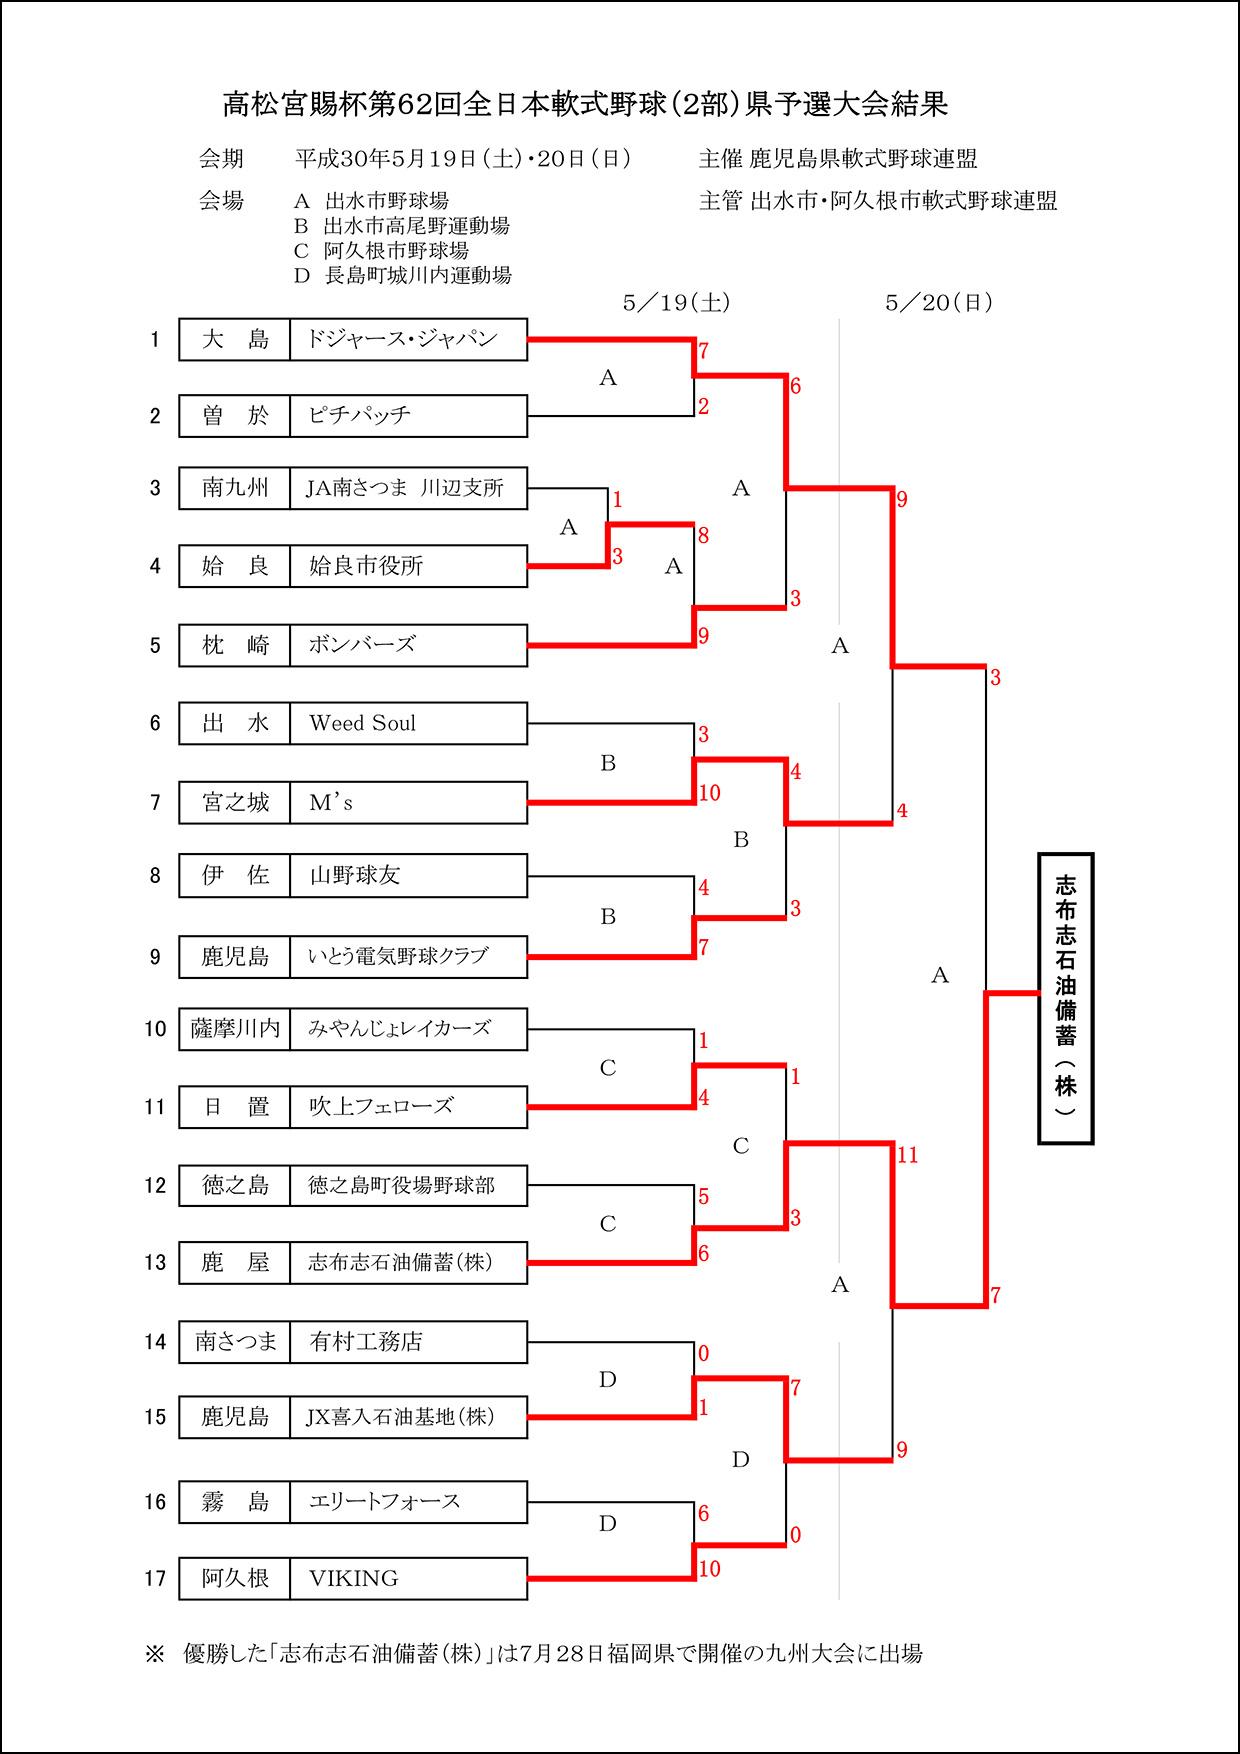 【結果】高松宮賜杯第62回全日本軟式野球(2部)県大会